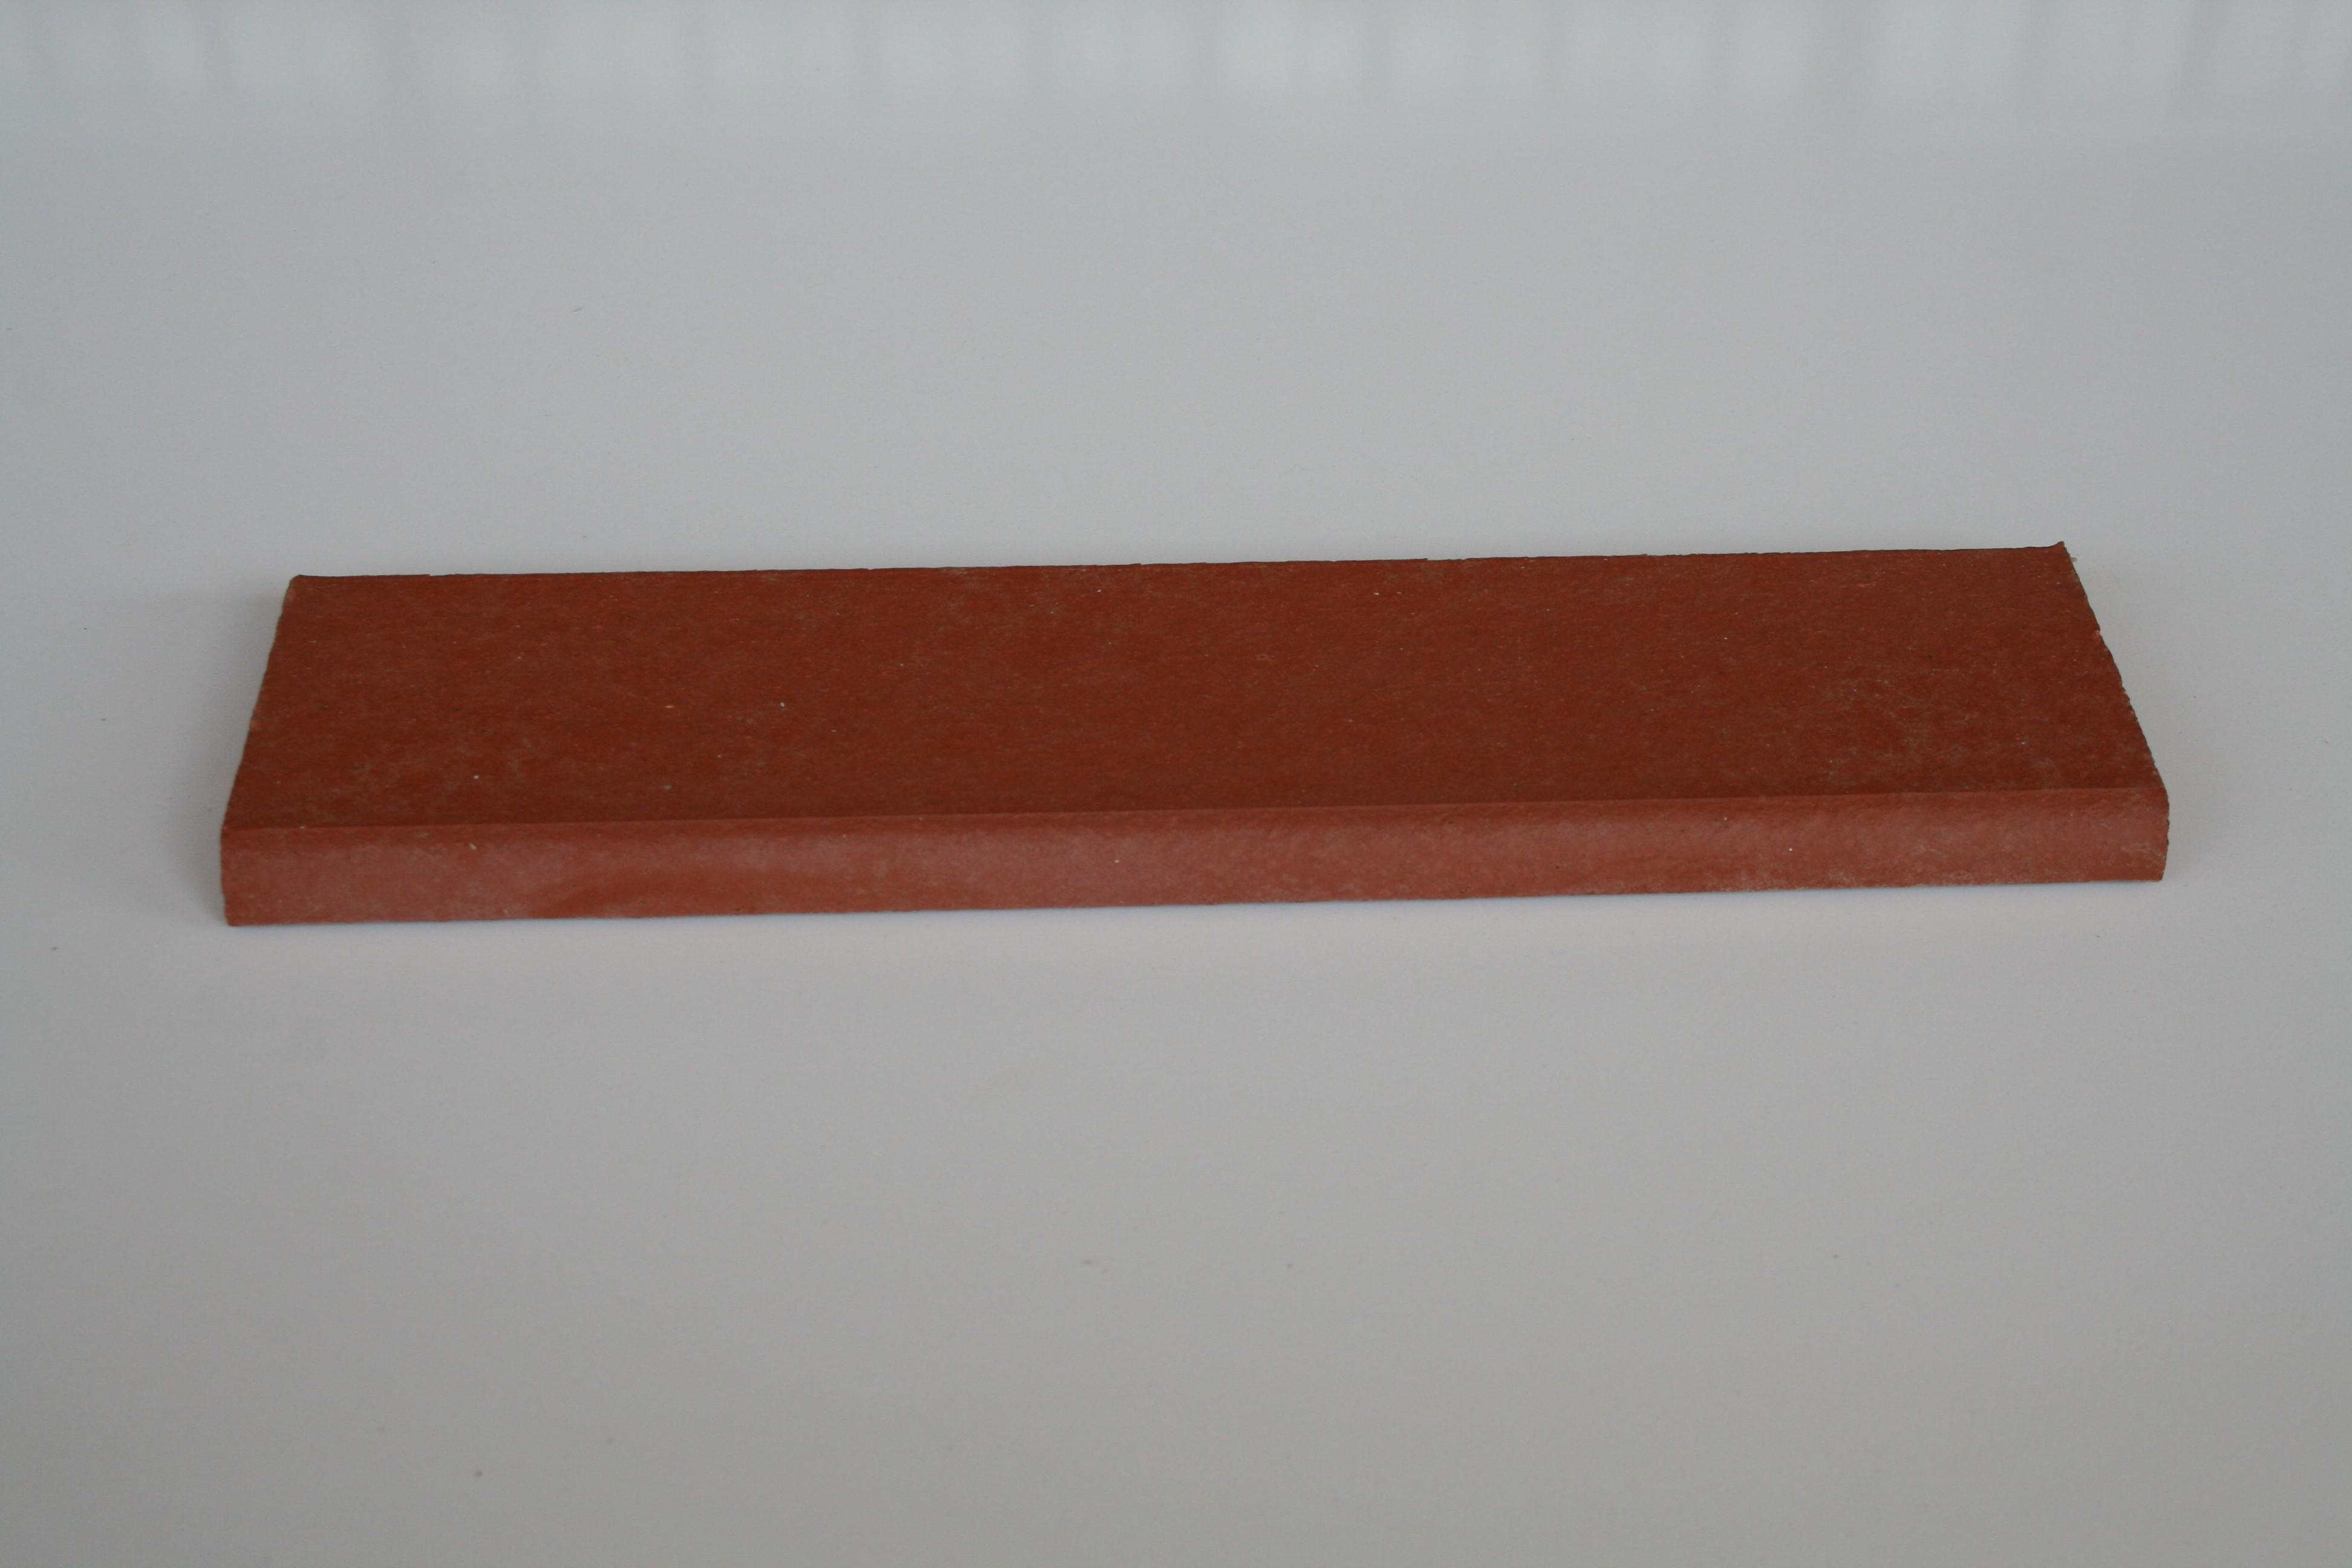 Plinthe en terre cuite lisse rouge 27.2x6.5x1.3 cm